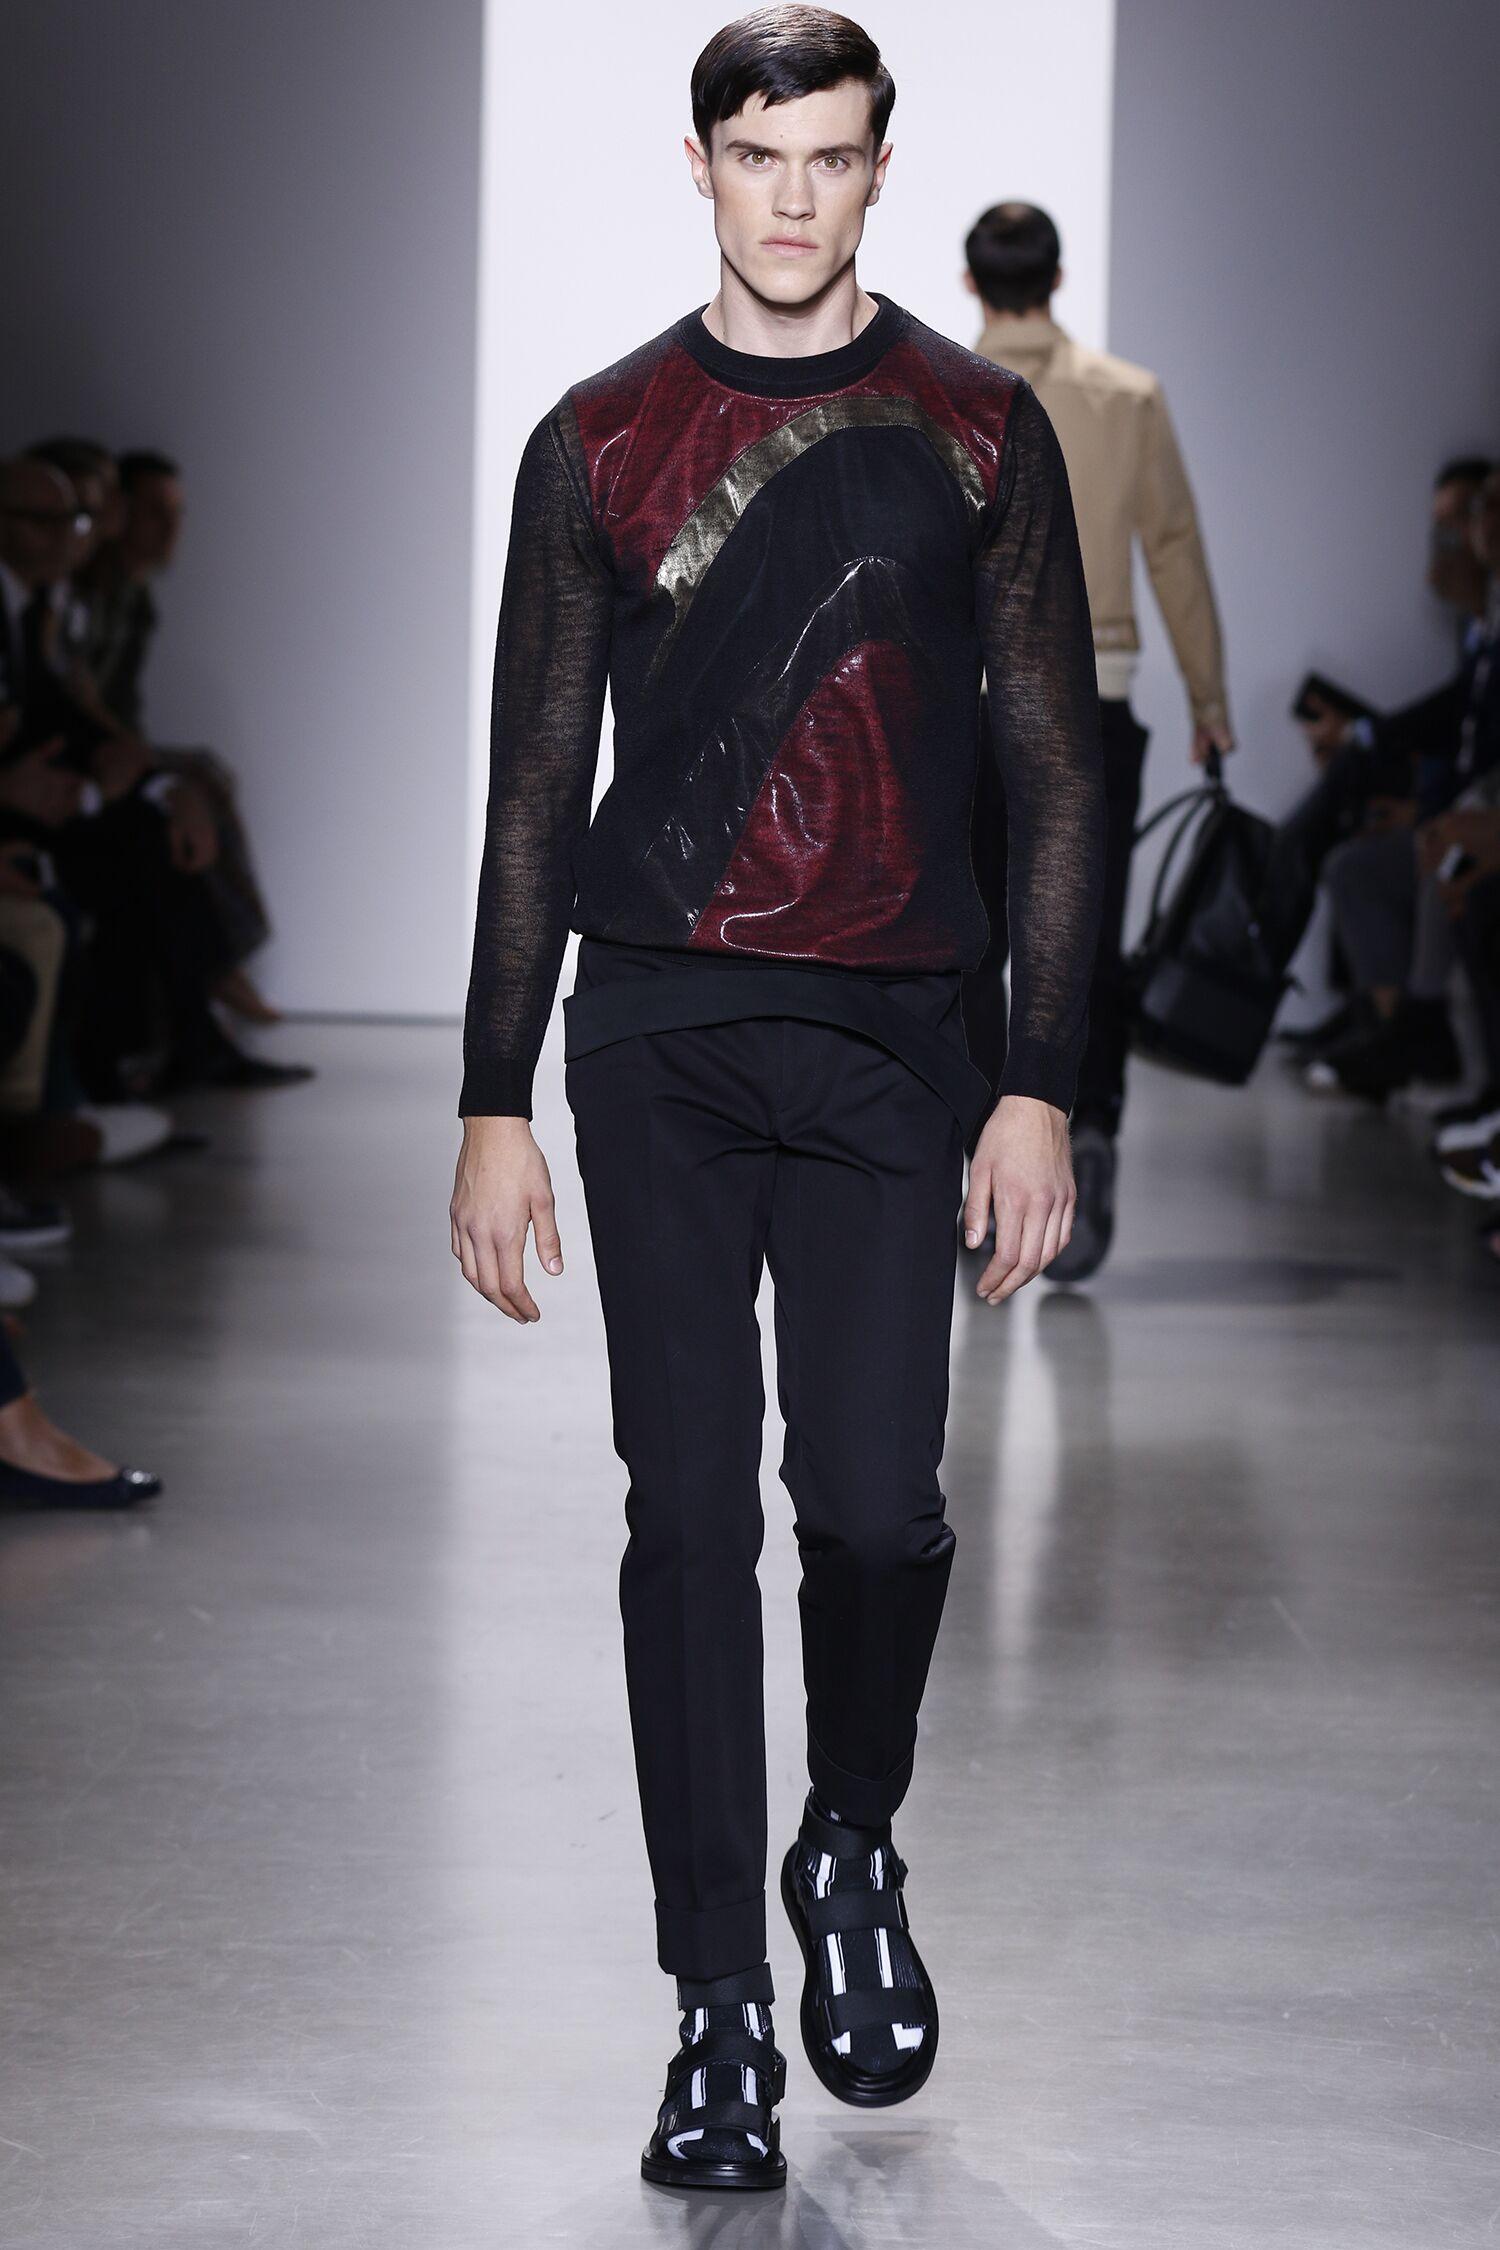 d94c60017cab Spring 2016 Men Fashion Show Calvin Klein Collection